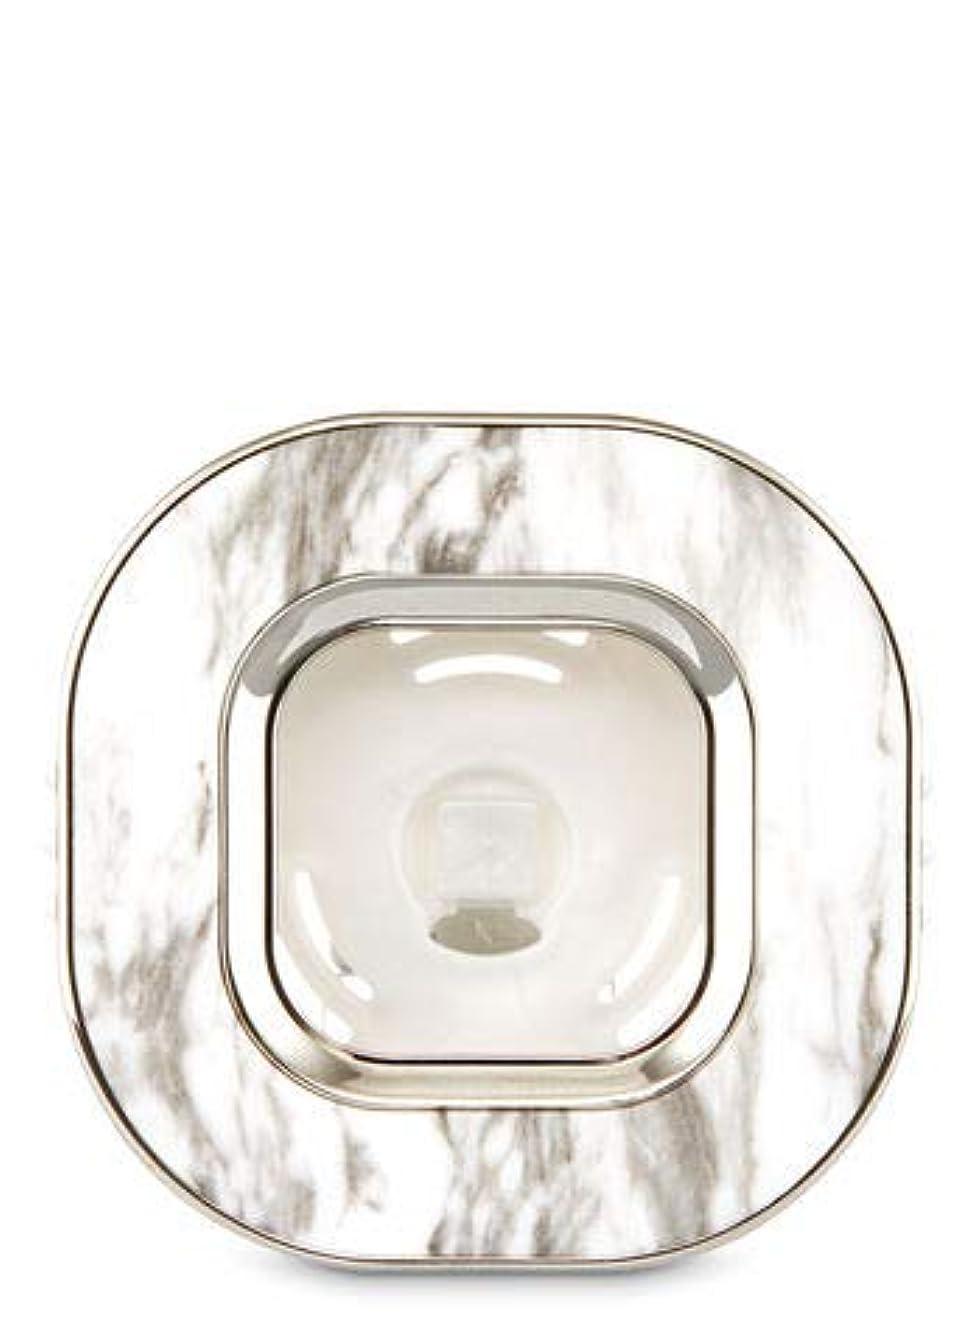 レンダーウサギ生き残ります【Bath&Body Works/バス&ボディワークス】 車用芳香剤 セントポータブル ホルダー (本体ケースのみ) マーブルスクエアー Scentportable Holder Marble Square Vent Clip [並行輸入品]